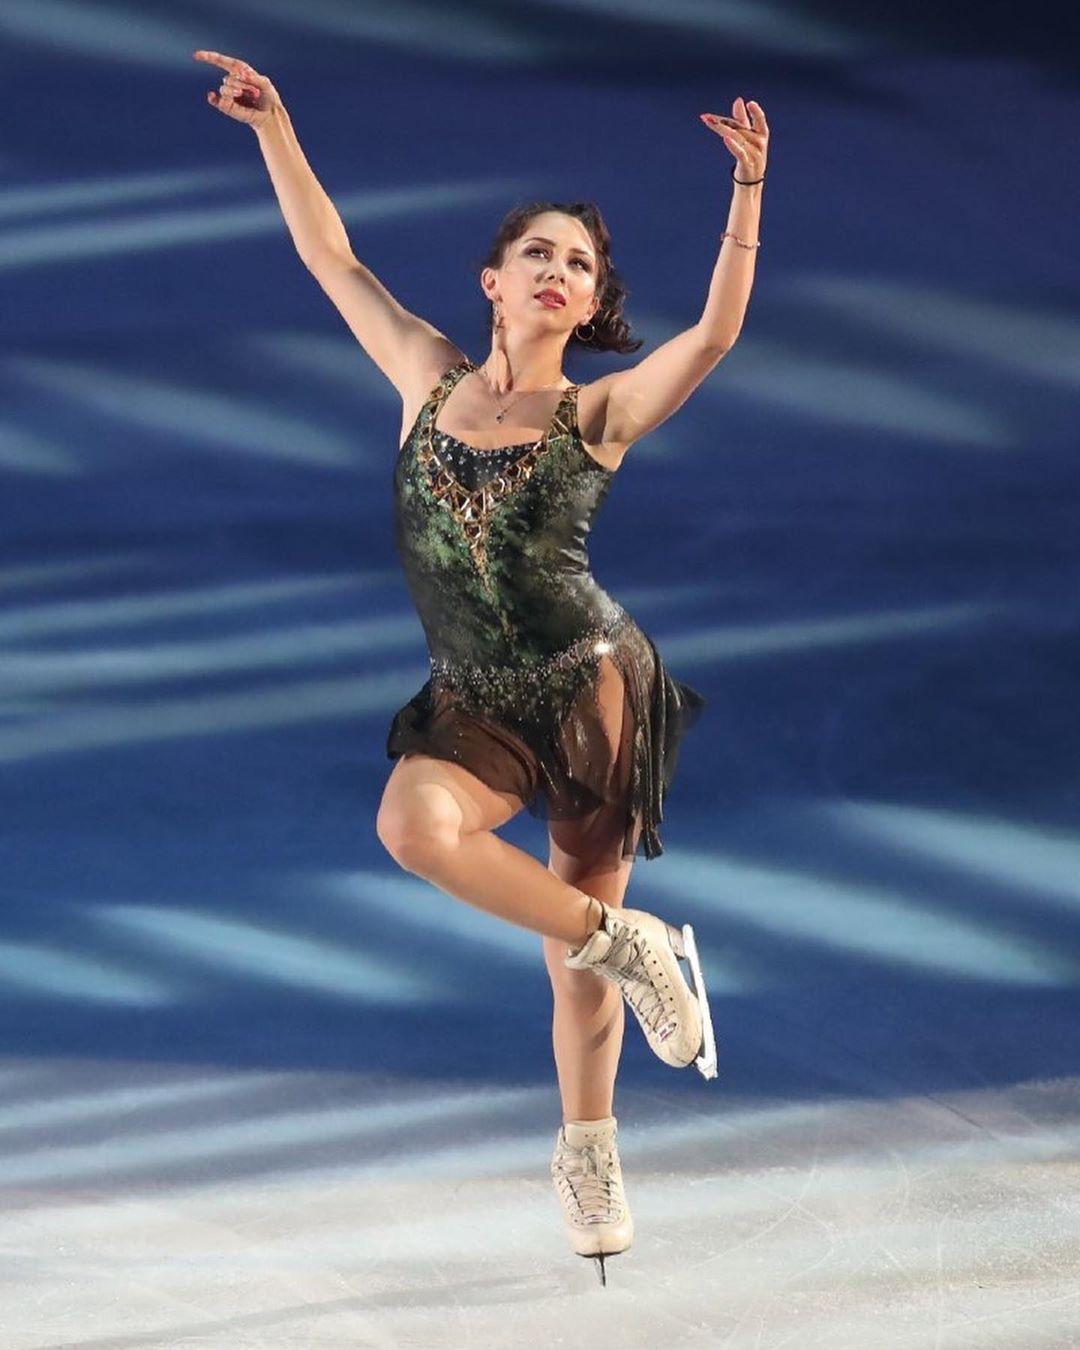 Елизавета Туктамышева & Андрей Лазукин - 5 - Страница 11 7IK1dPph0k0